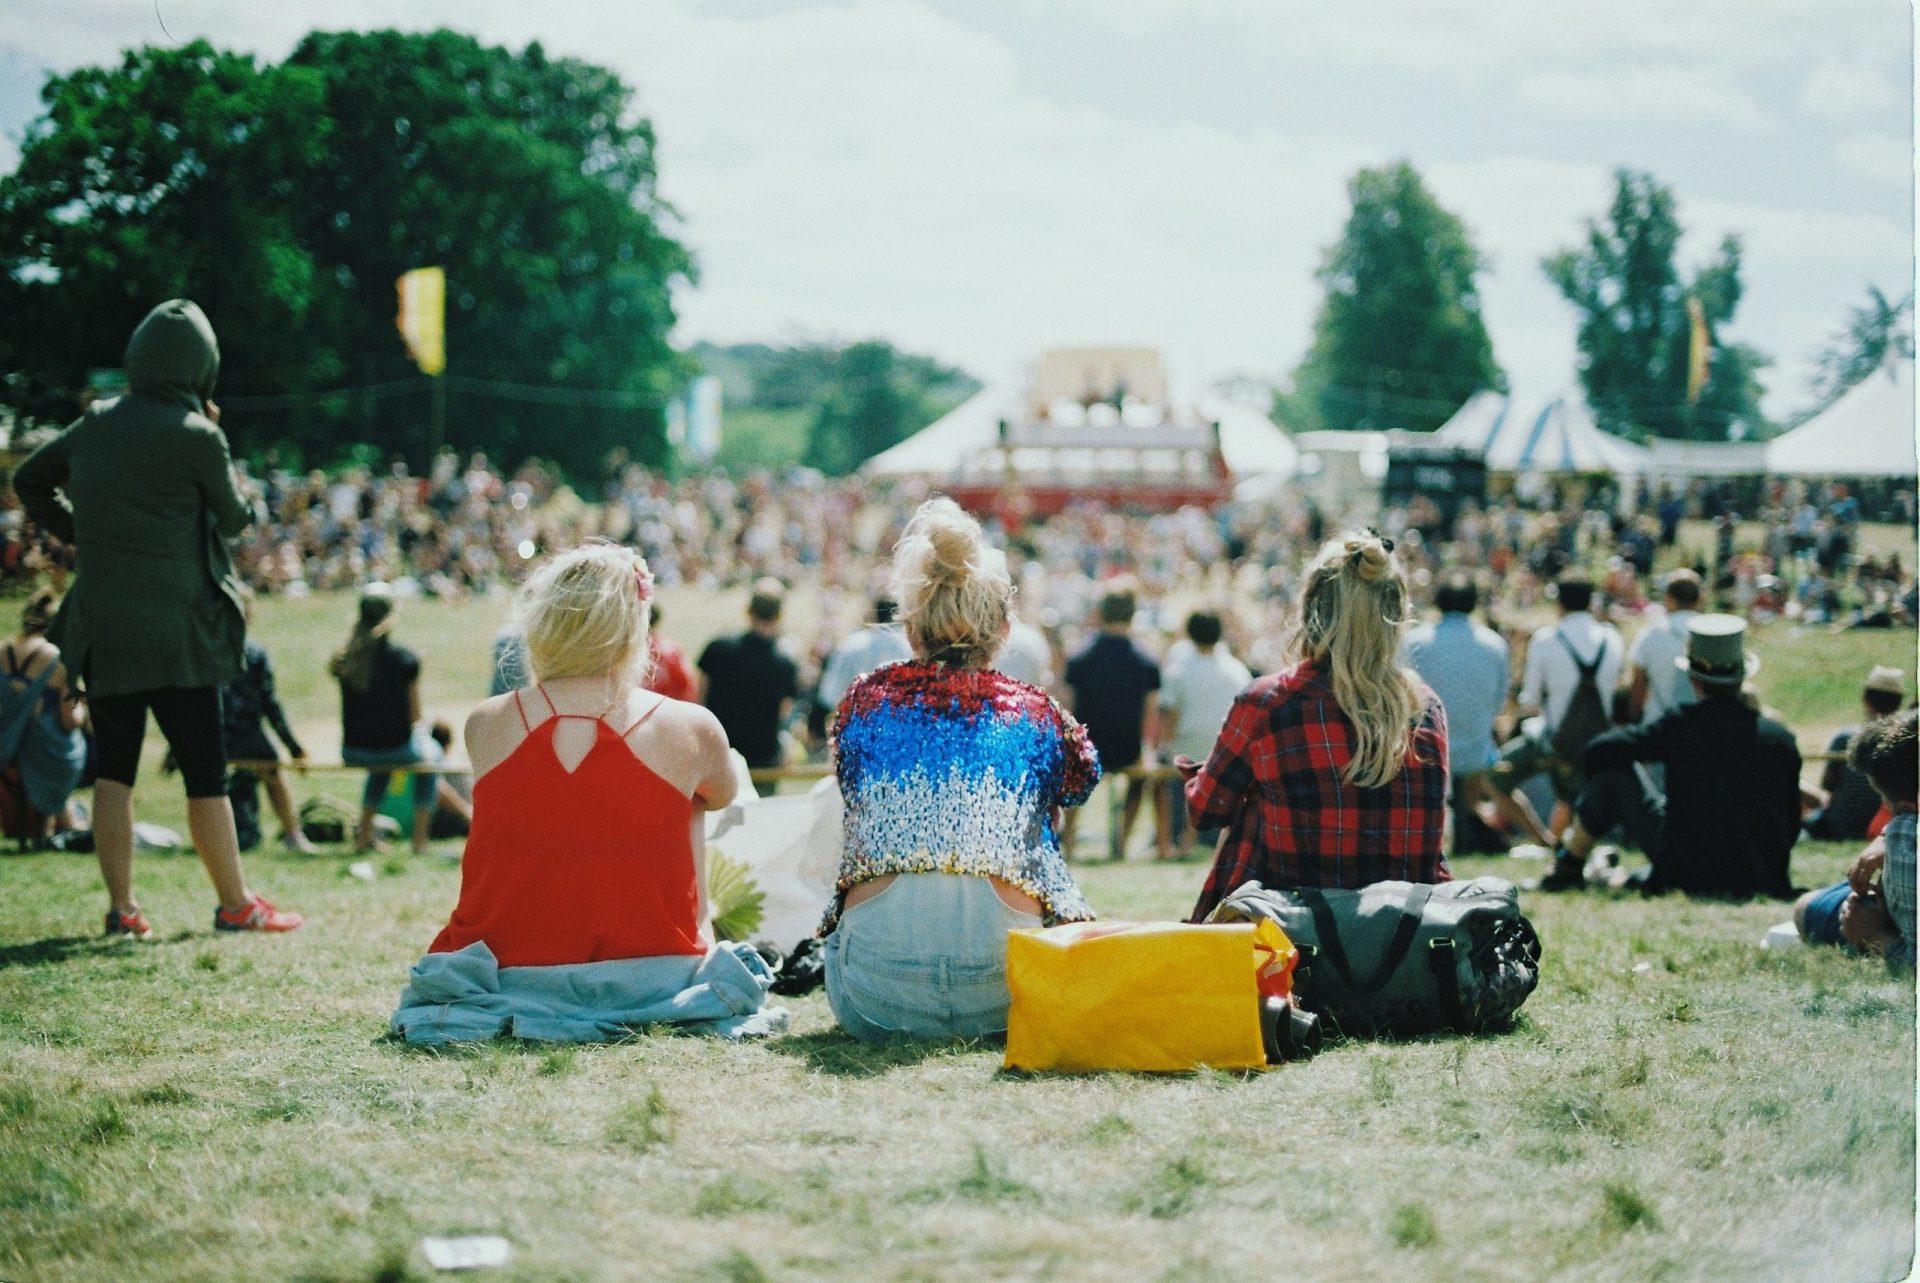 Drei Frauen sitzen nebeneinander auf einer Wiese während einer sommerlichen Festival-Veranstaltung